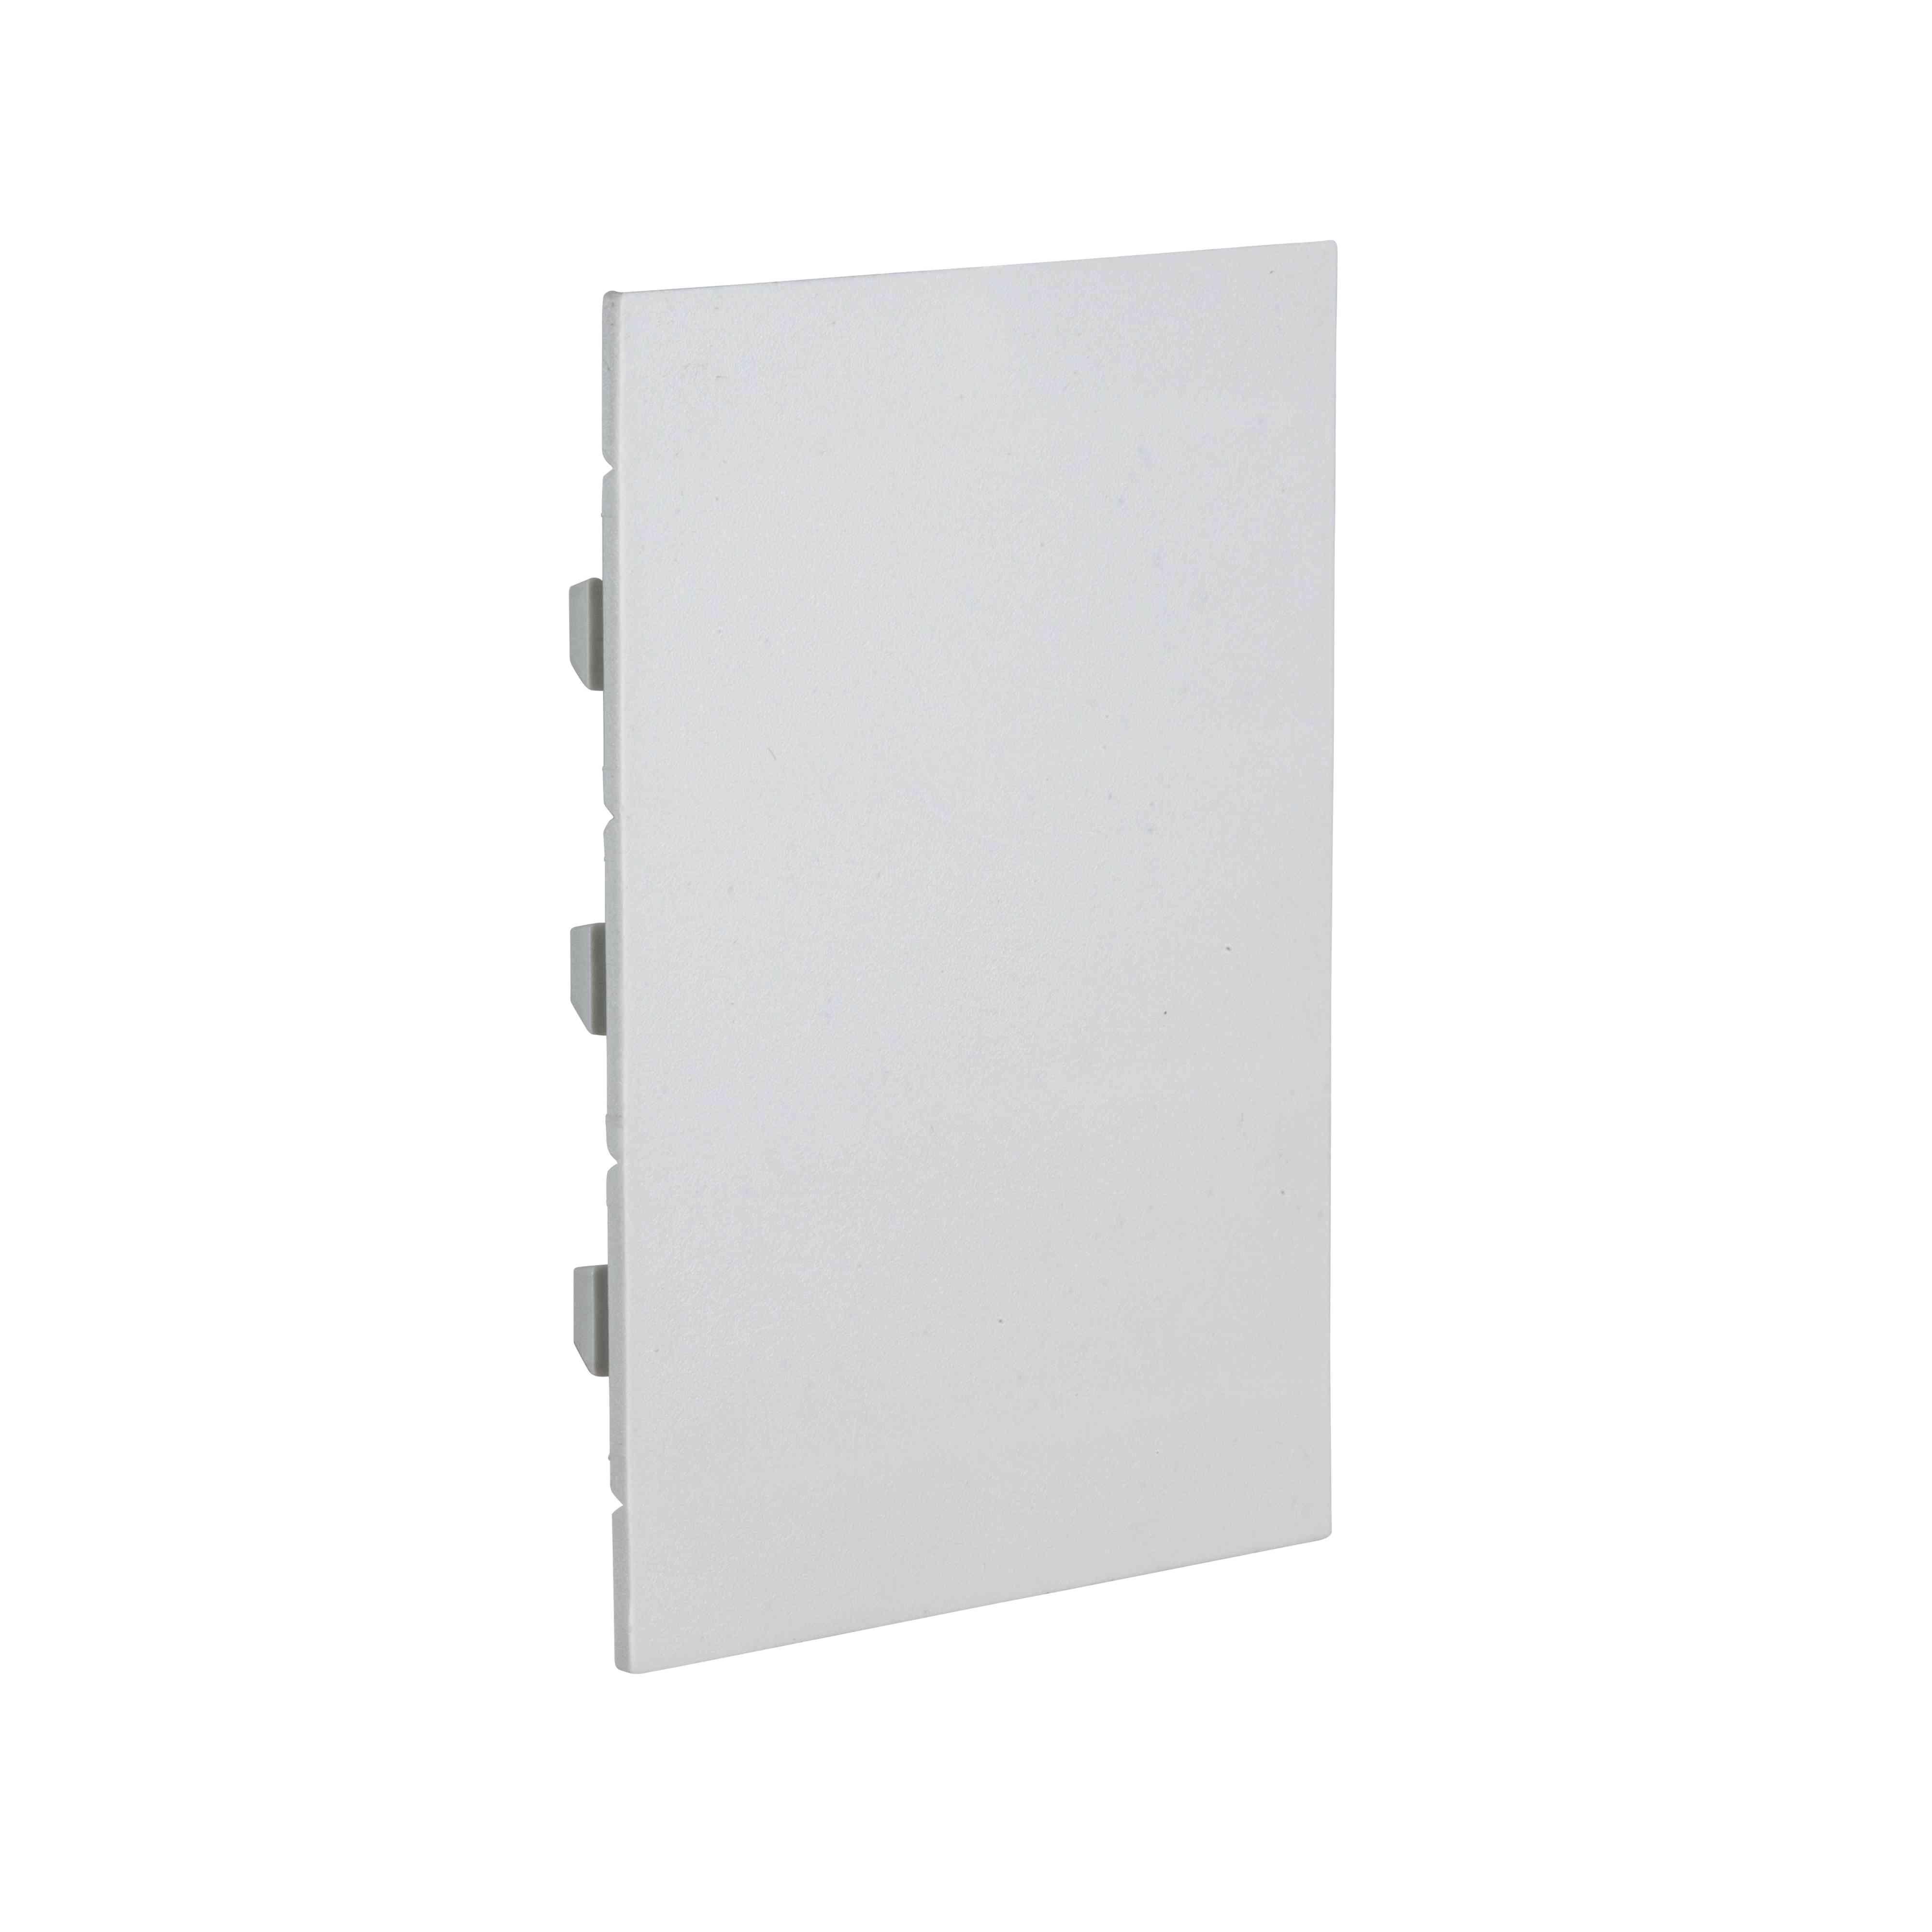 Komplet 25 slepih pokrovov Spacial SF/SM - za izrezano pokrivno ploščo